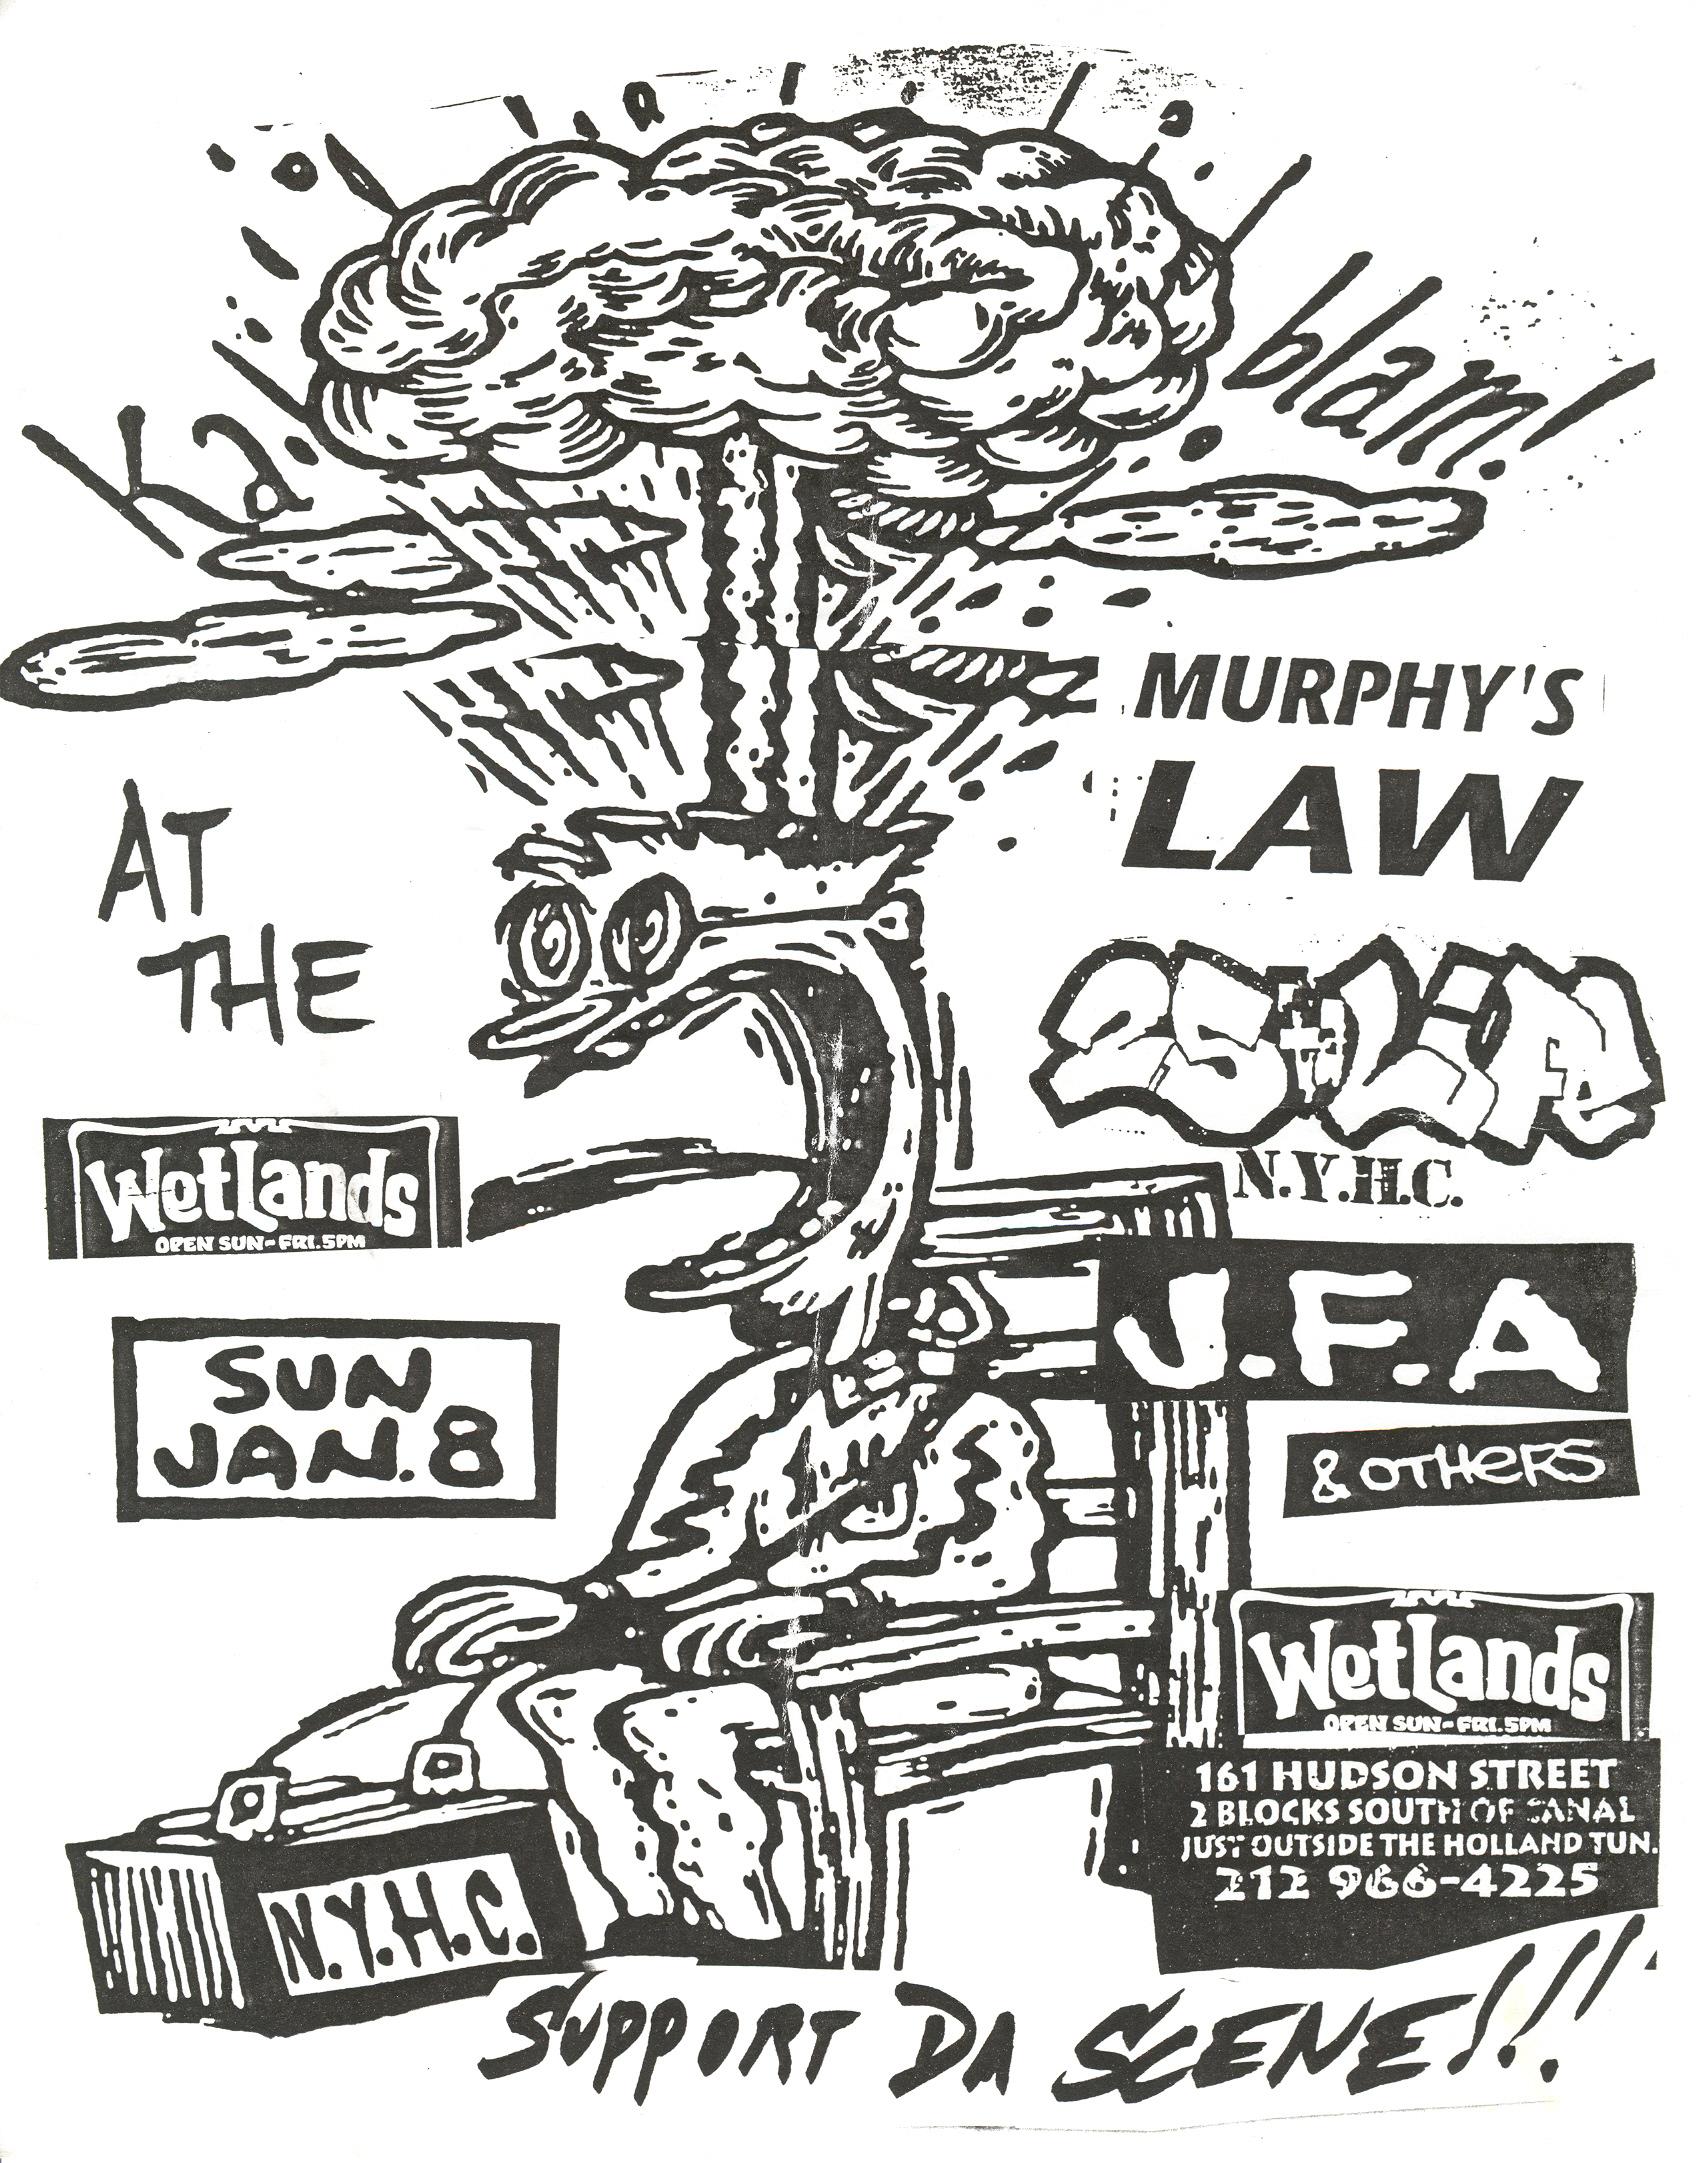 J F A -25 Ta Life-Murphy's Law @ Wetlands New York City NY 1